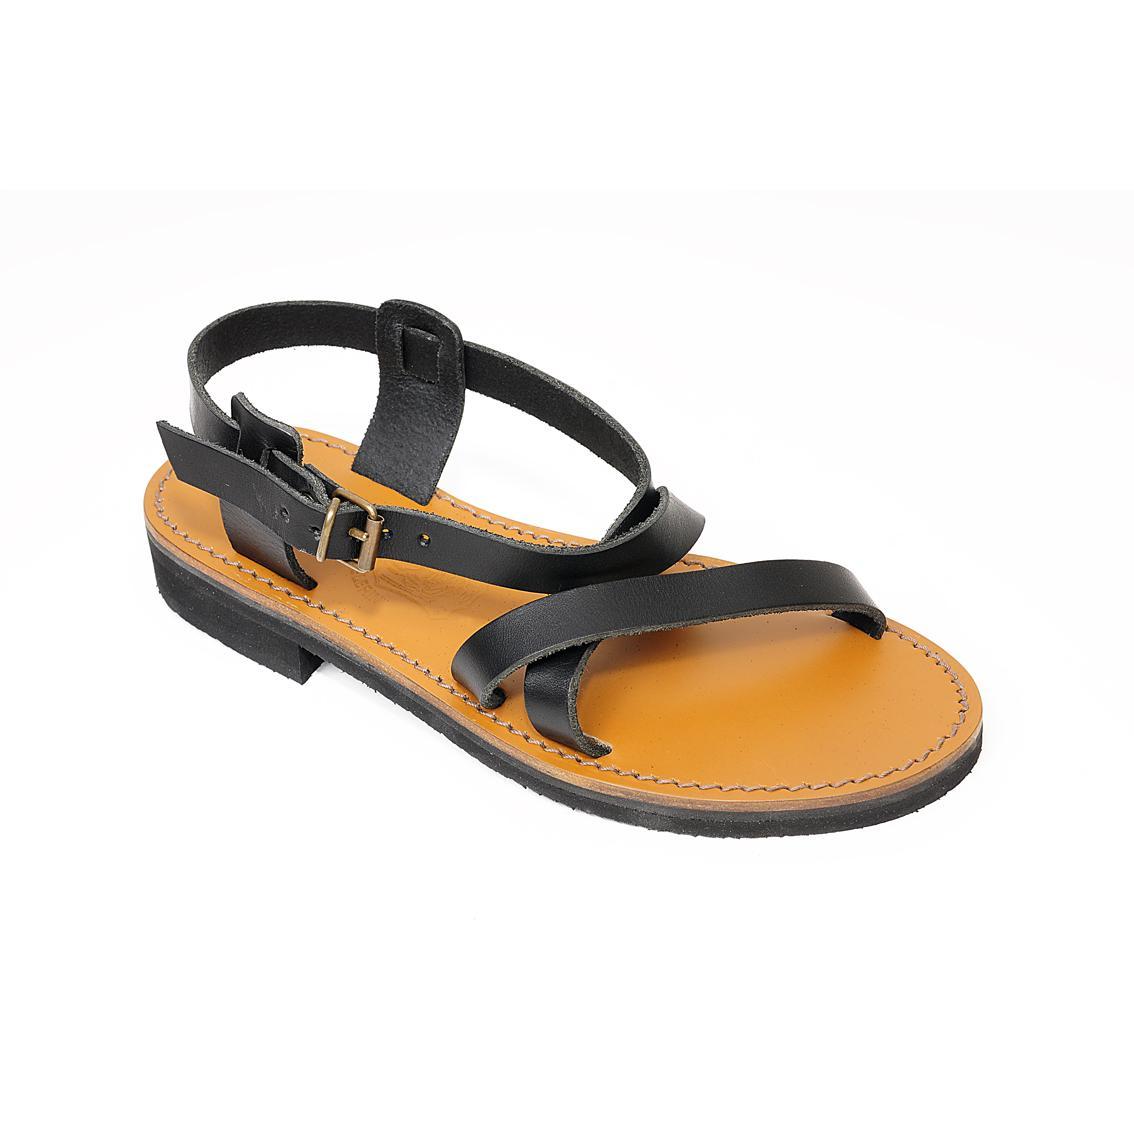 51a21d424501d Sandale en cuir Corinthe homme, fabriquée en France